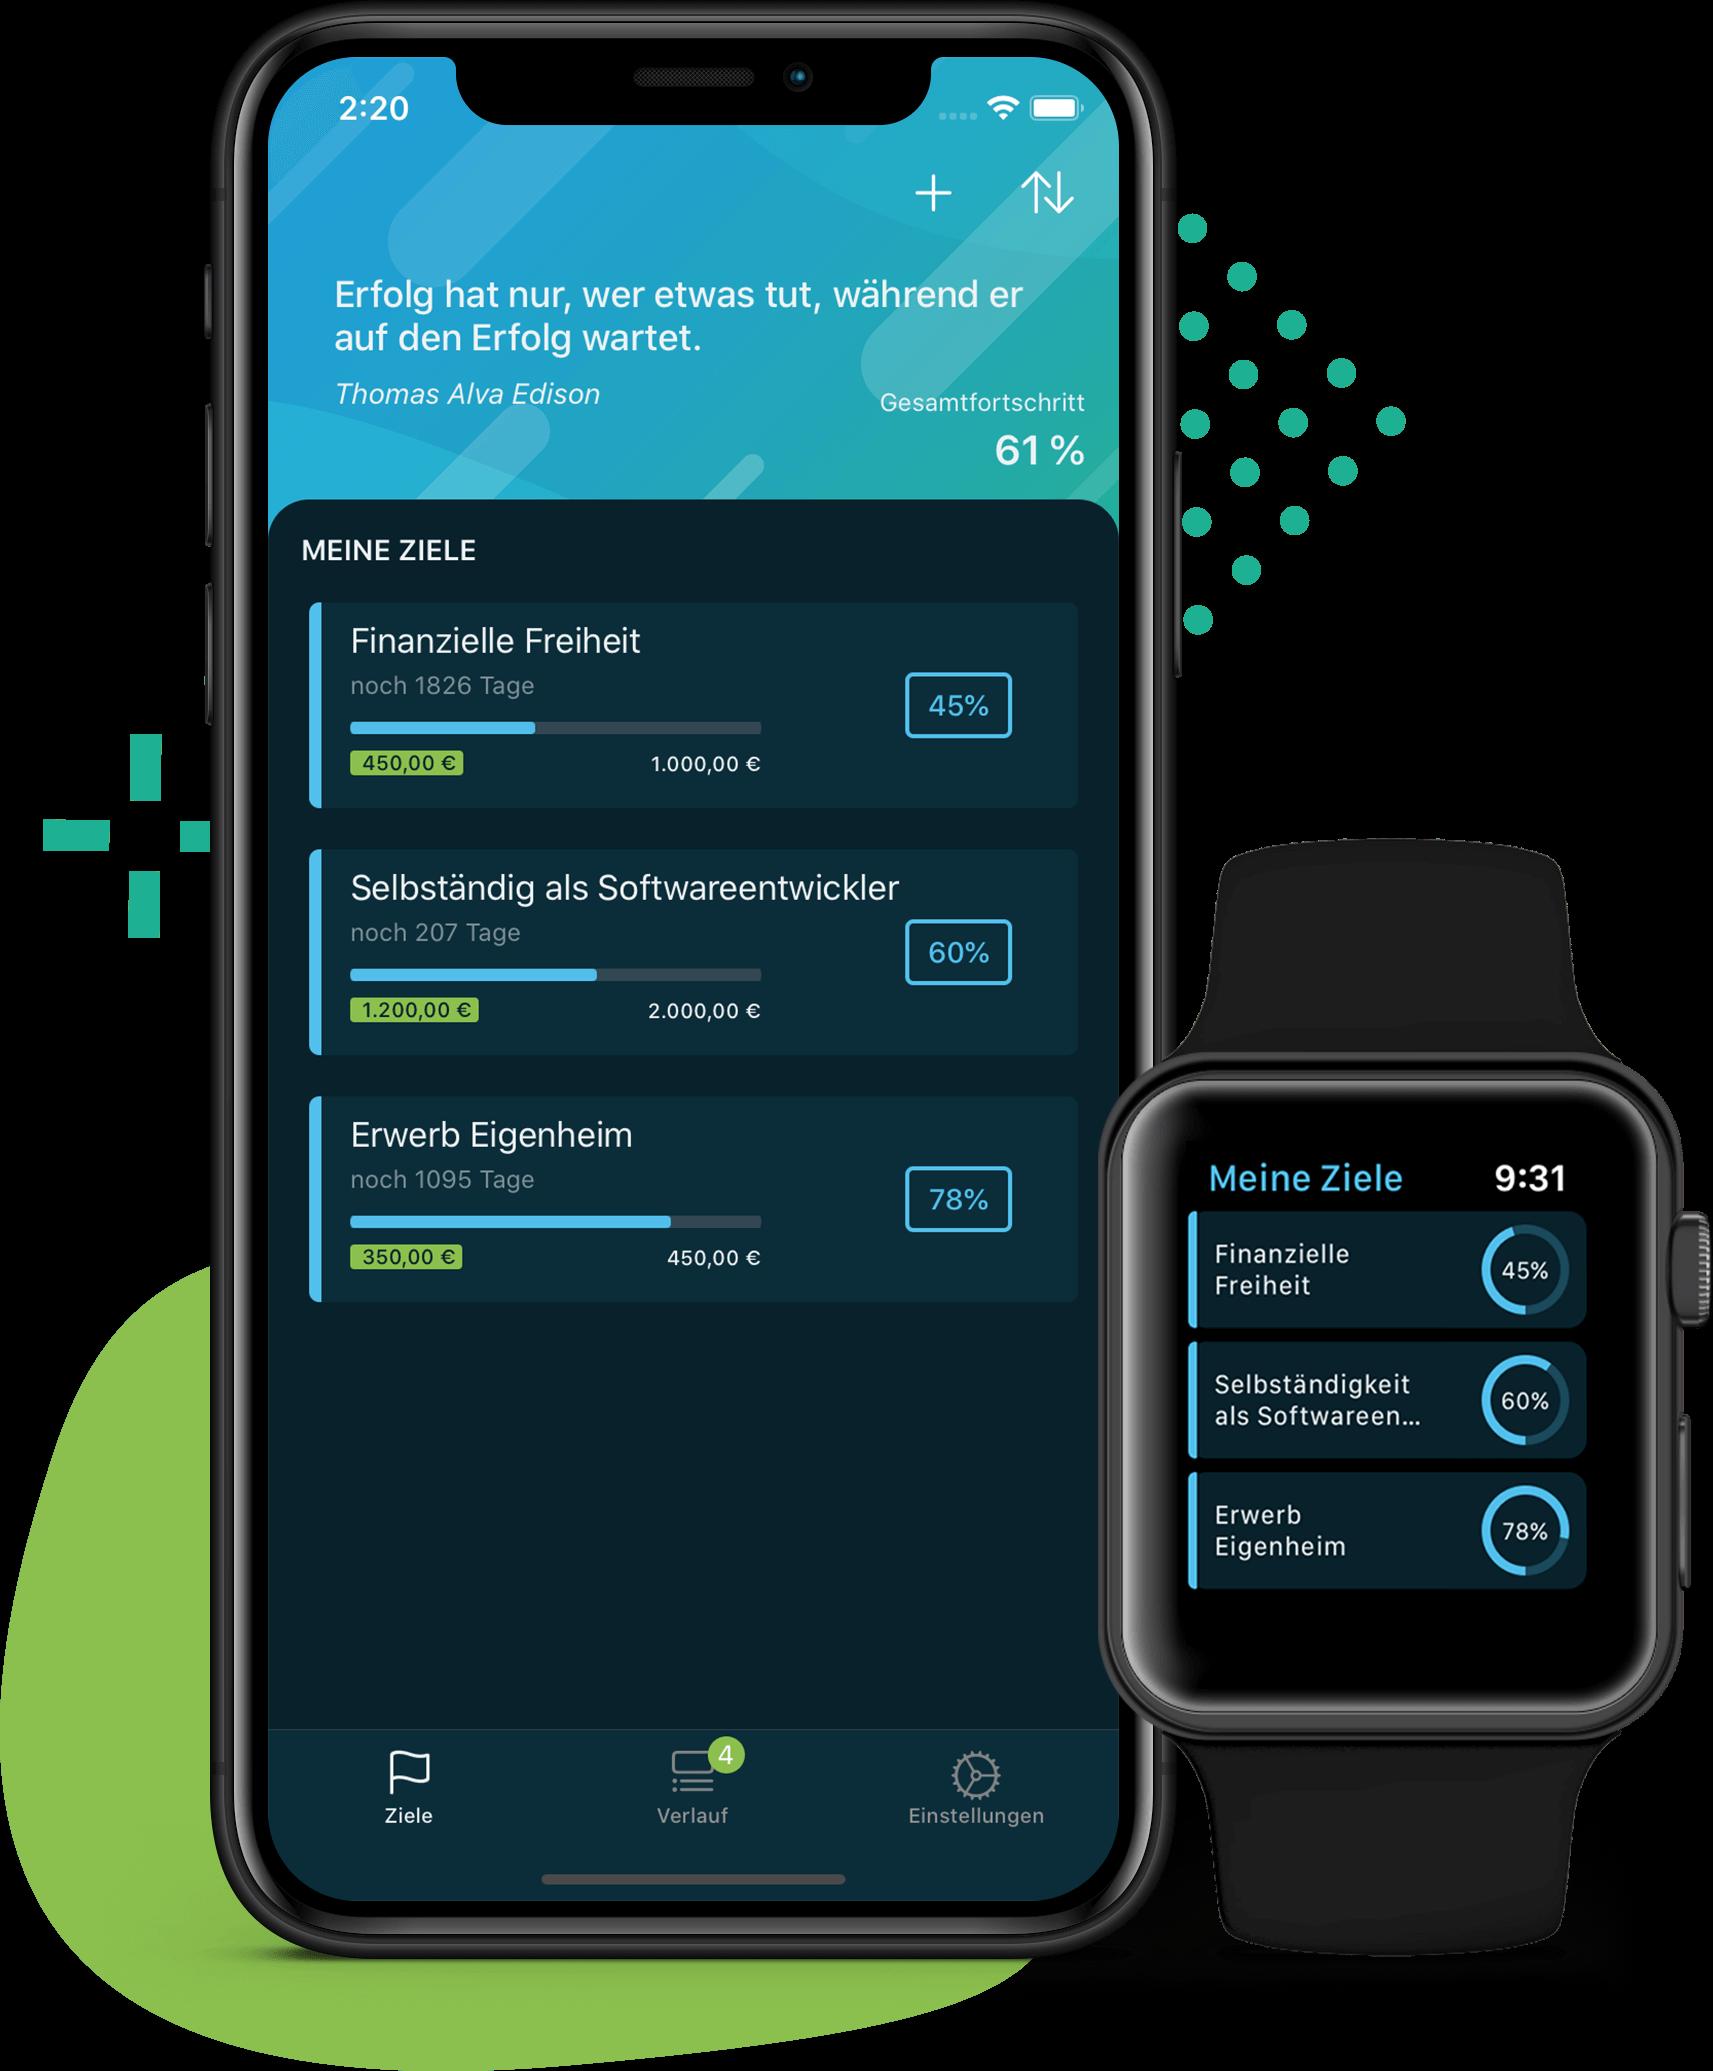 Ziele in der App